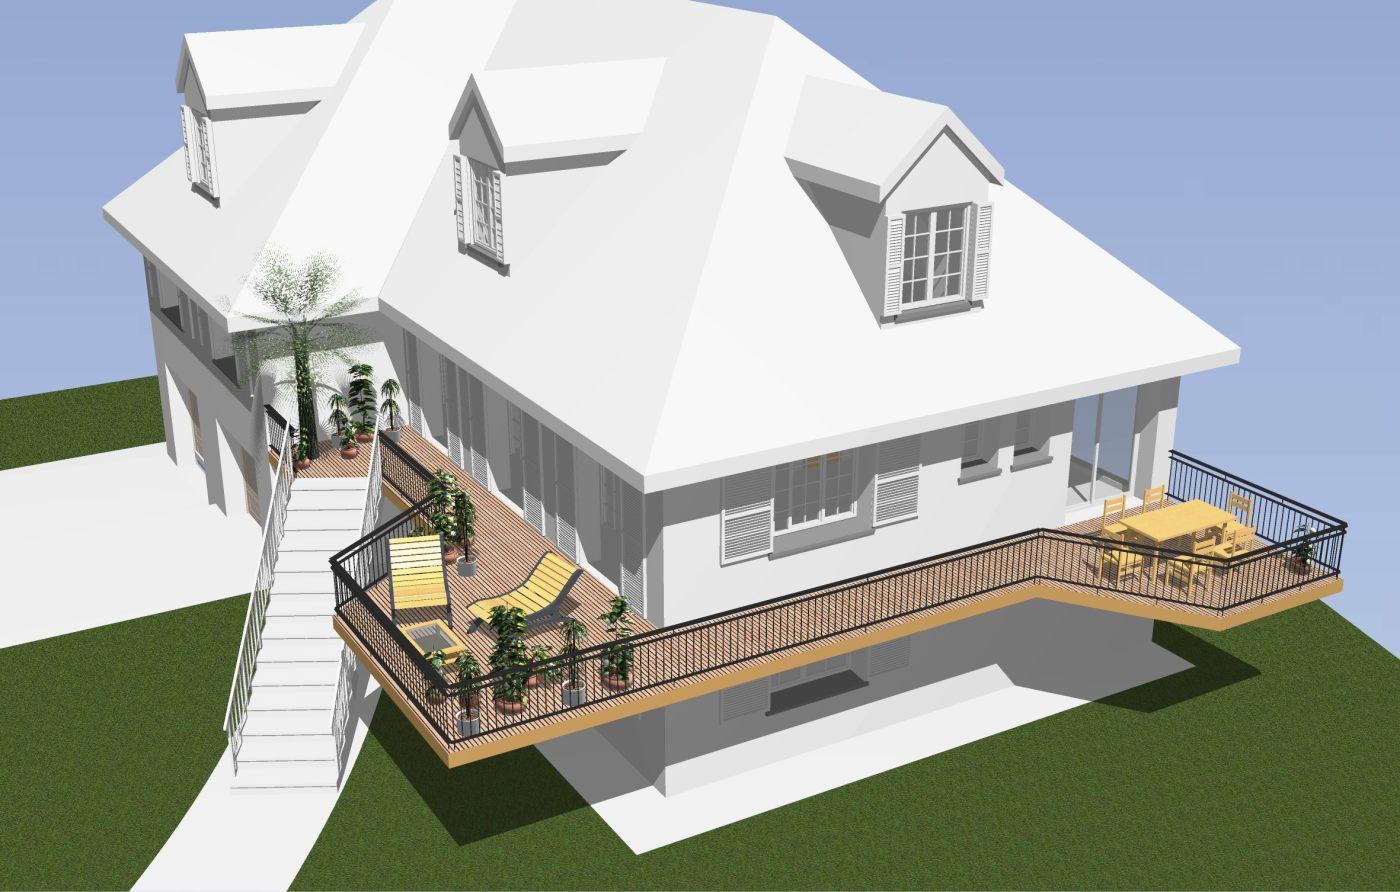 Amenagement Exterieur Terrasse Maison aménagement extérieur *terrasses aux formes épurées* – cap m